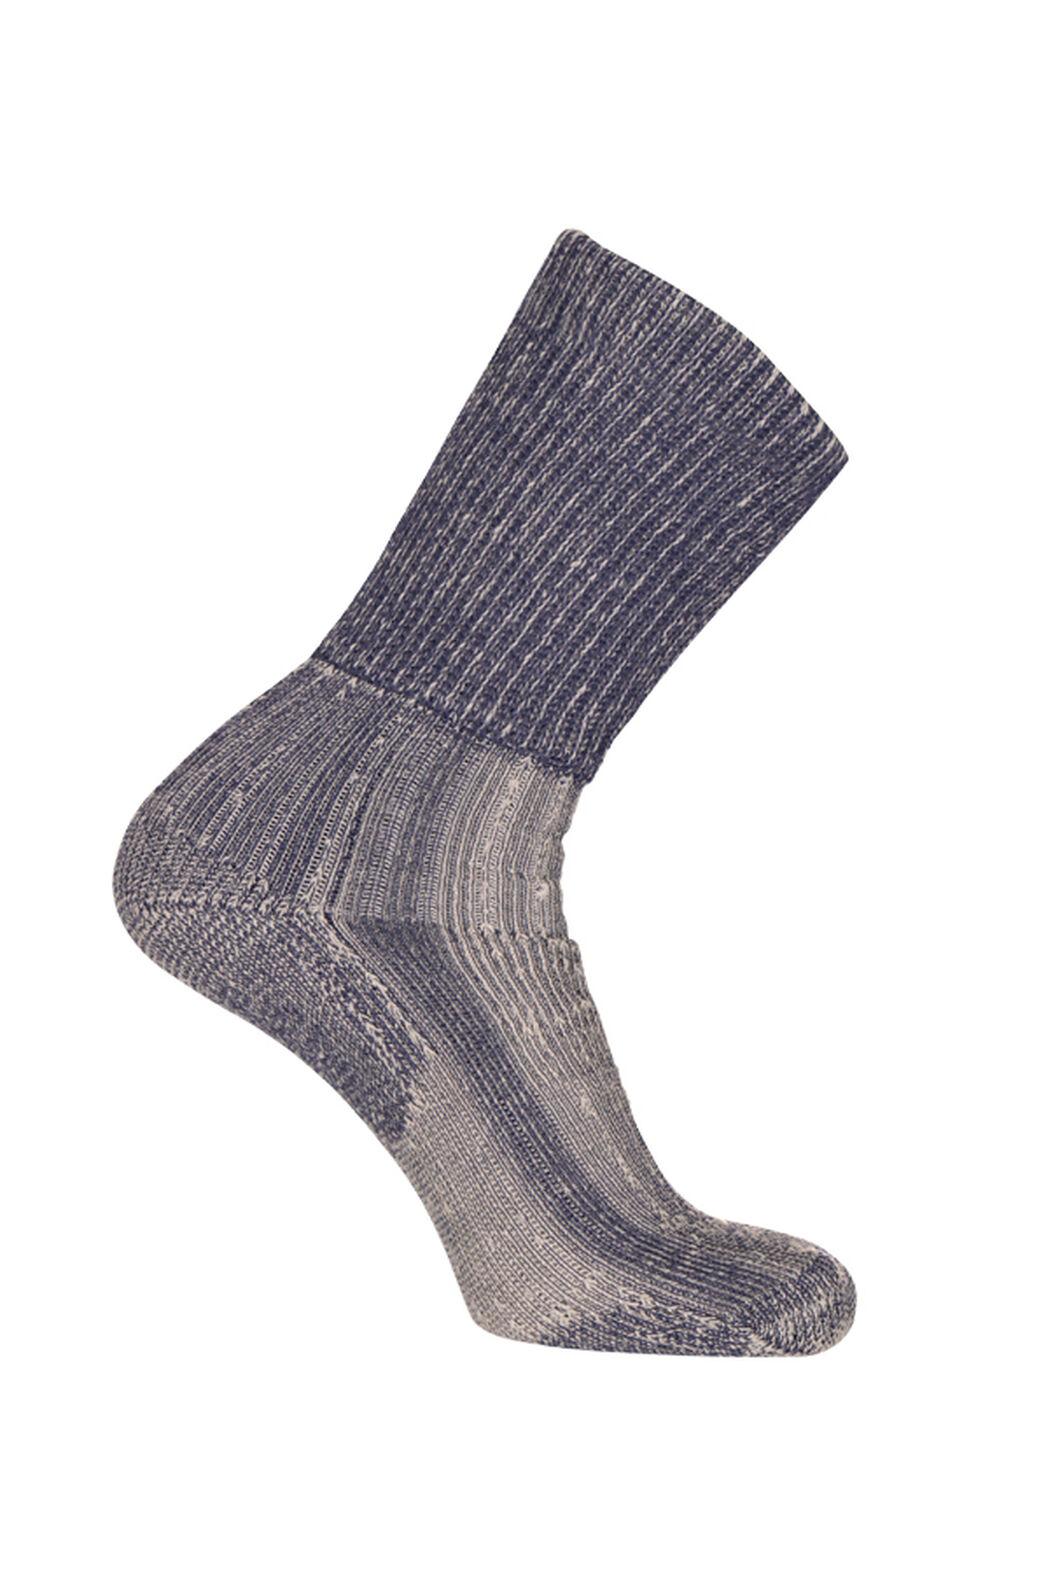 Macpac Winter Hiker Socks, Denim, hi-res